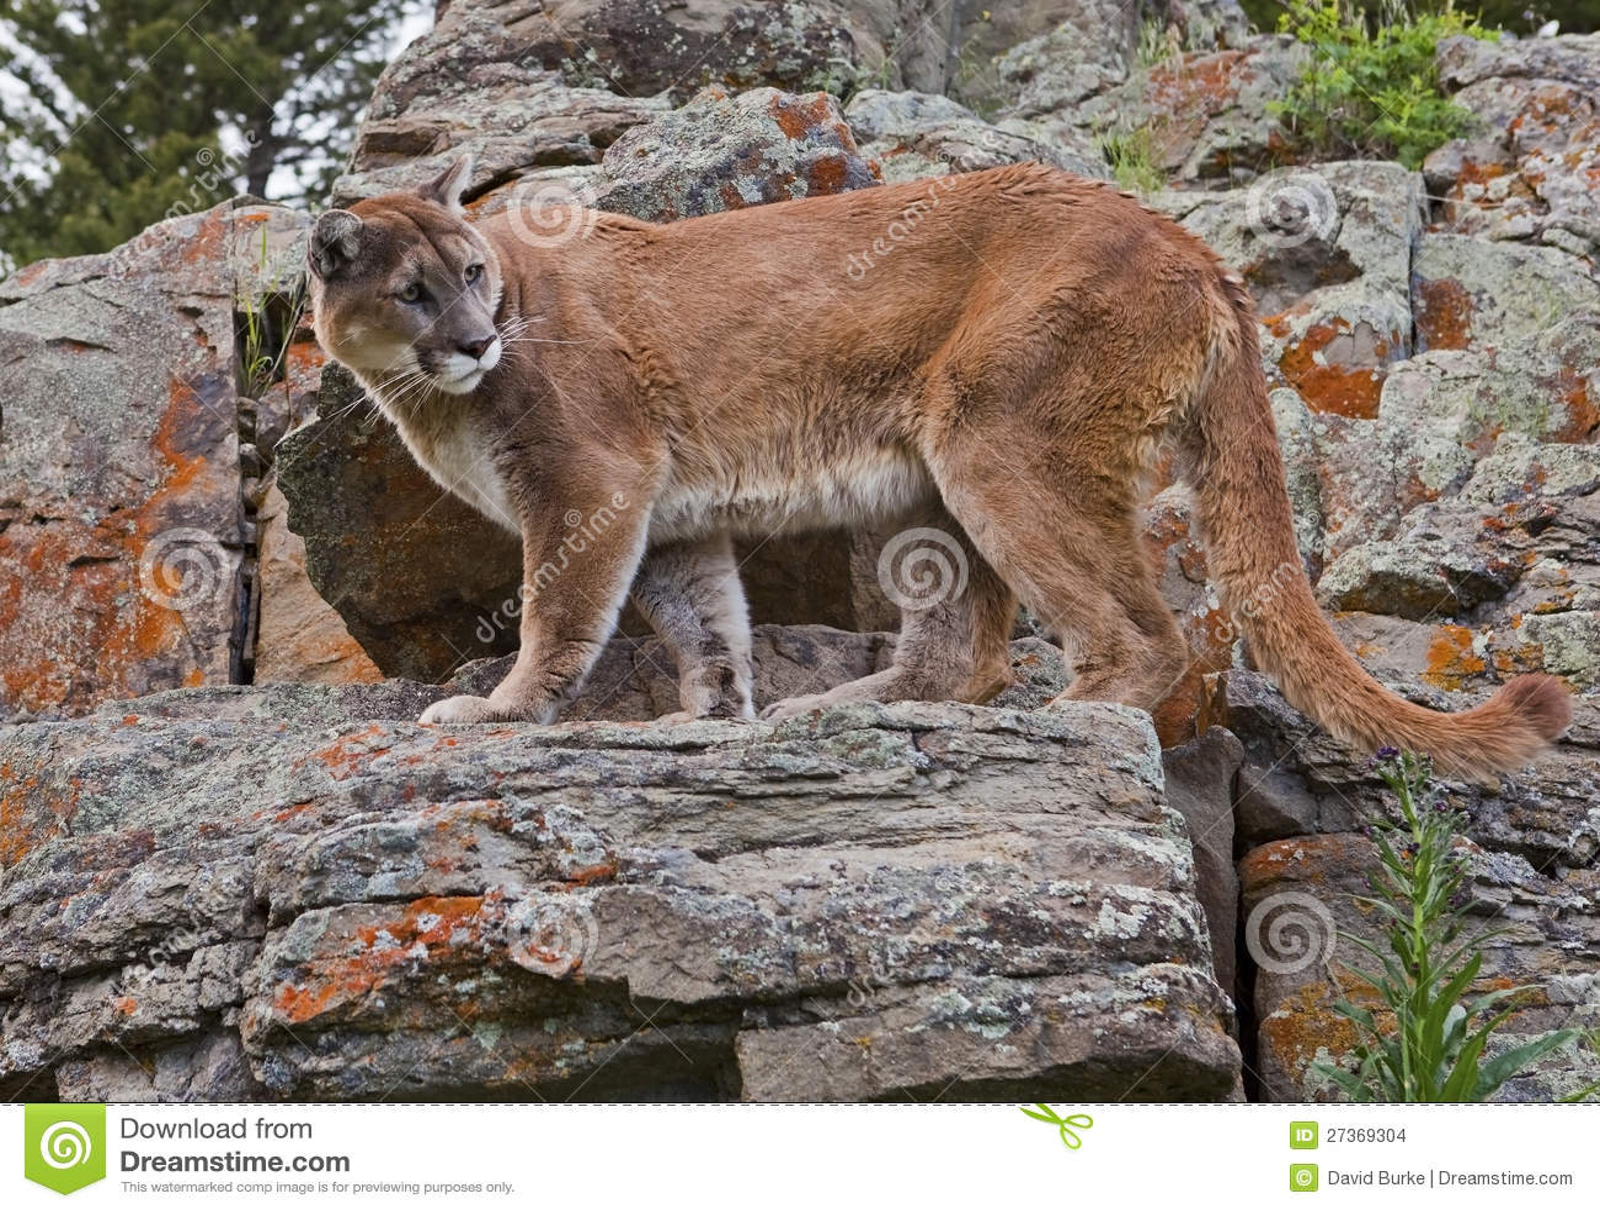 Mountain Lion on rocks stock photo. Image of stone ...